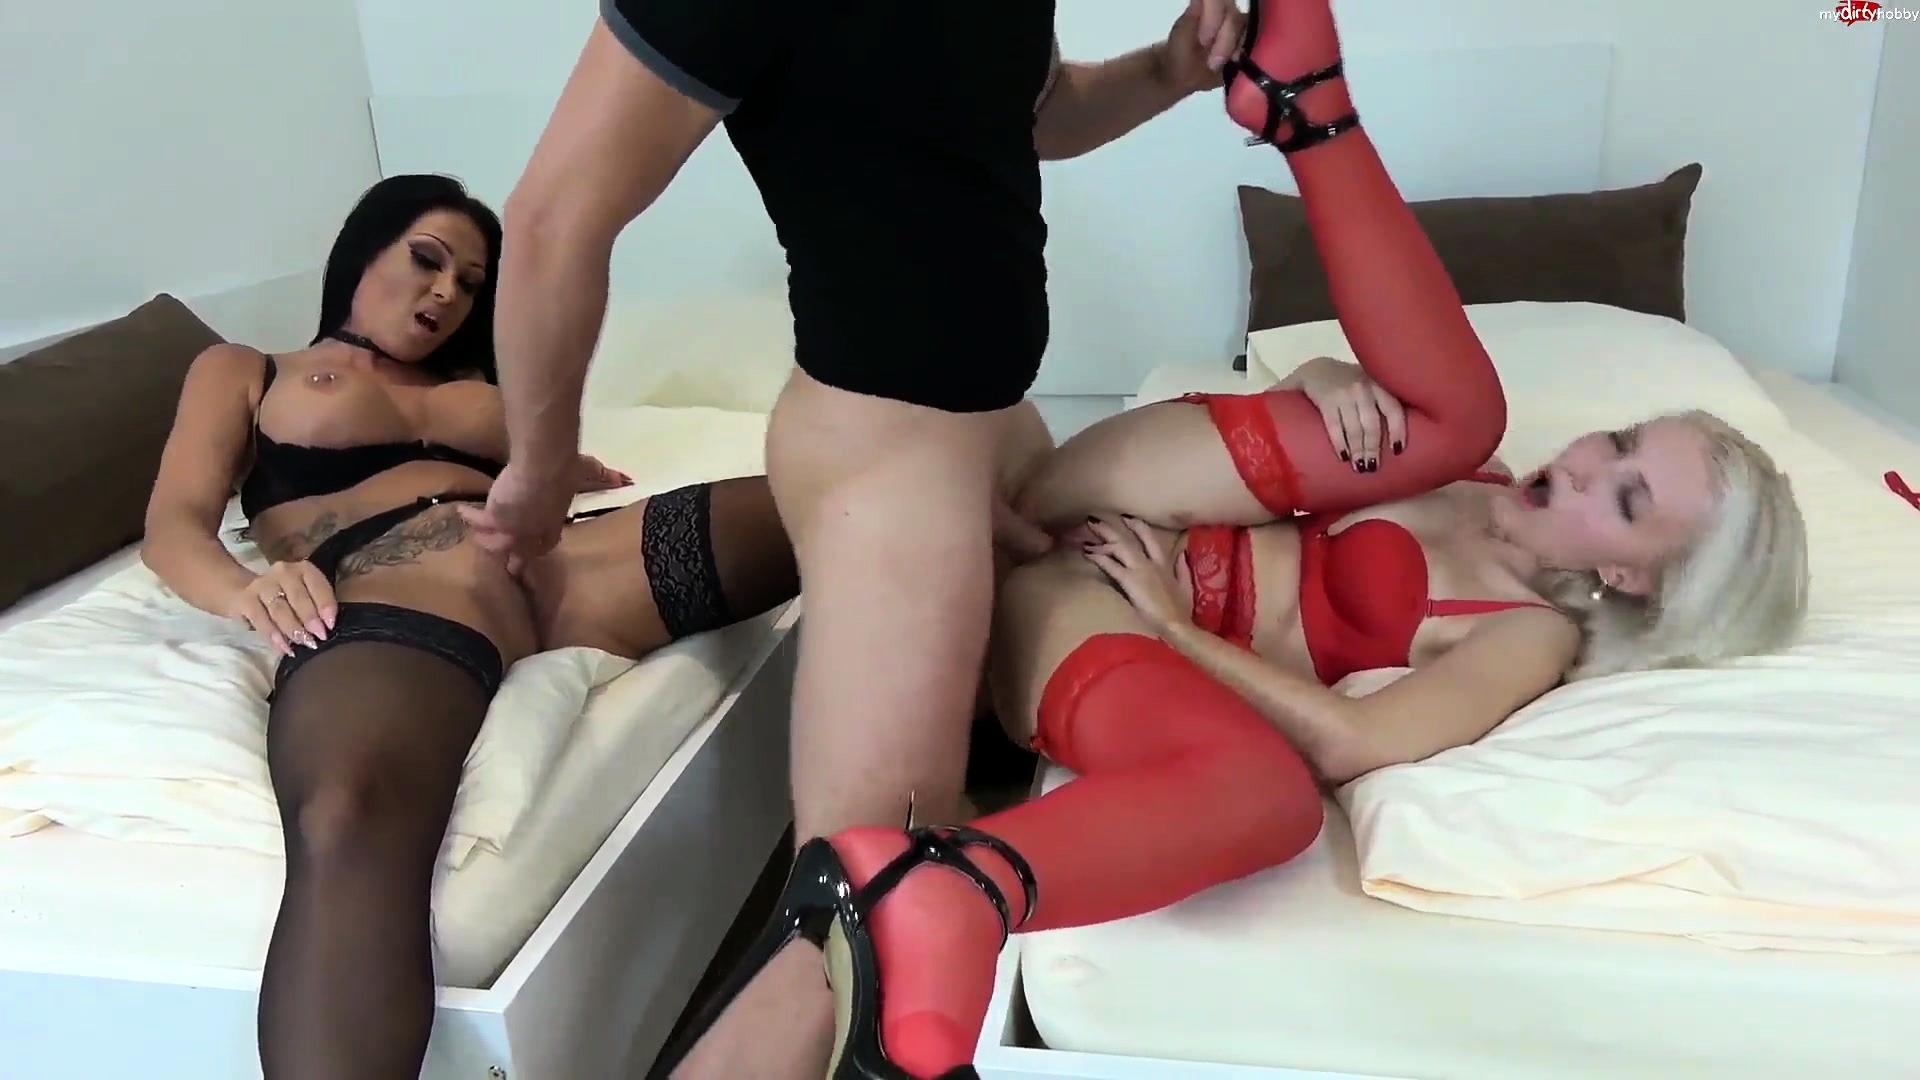 Sexy fucking pornstar girls wet